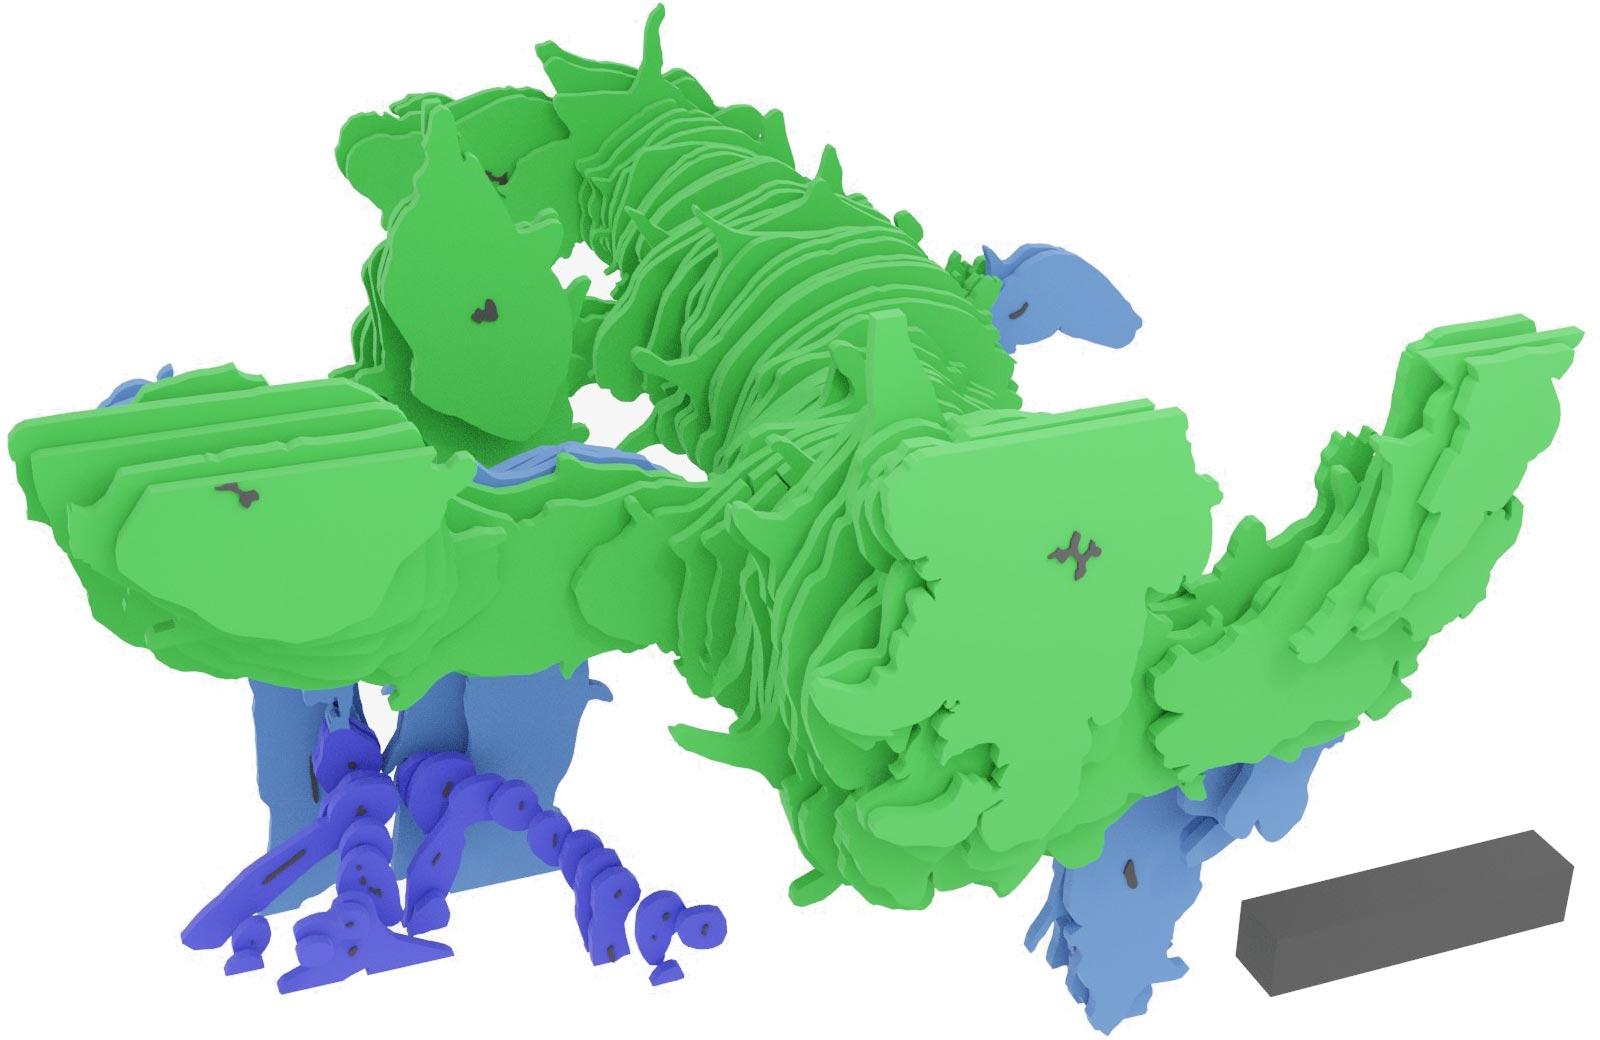 Asteroxylon mackiei的三维重建是通过数字方式重新组合薄薄的岩石片制成的。该重建显示了绿色的高度分枝的叶状枝,以及蓝色和紫色的根系。3D比例尺为